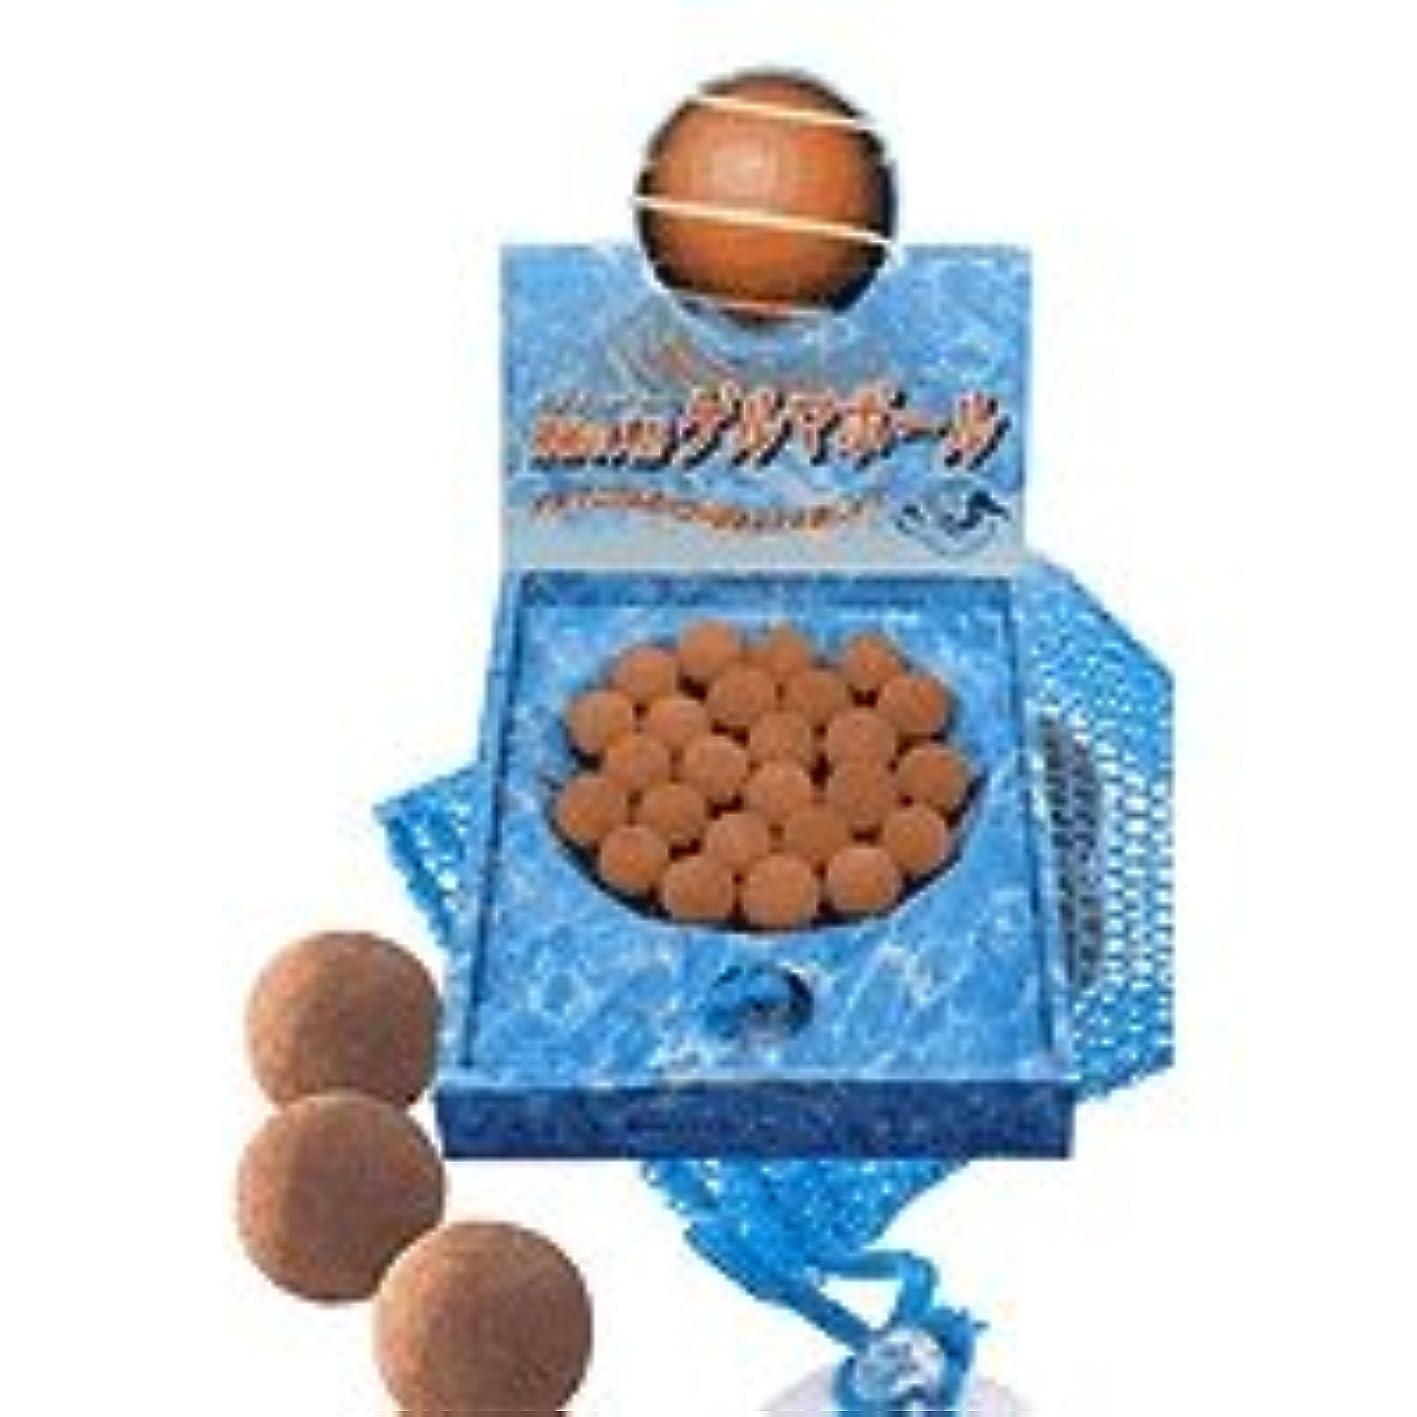 ジーンズ可能にするベーコンゲルマボール ゲルマボールゲルマボール220g+吸盤付メッシュ袋1枚